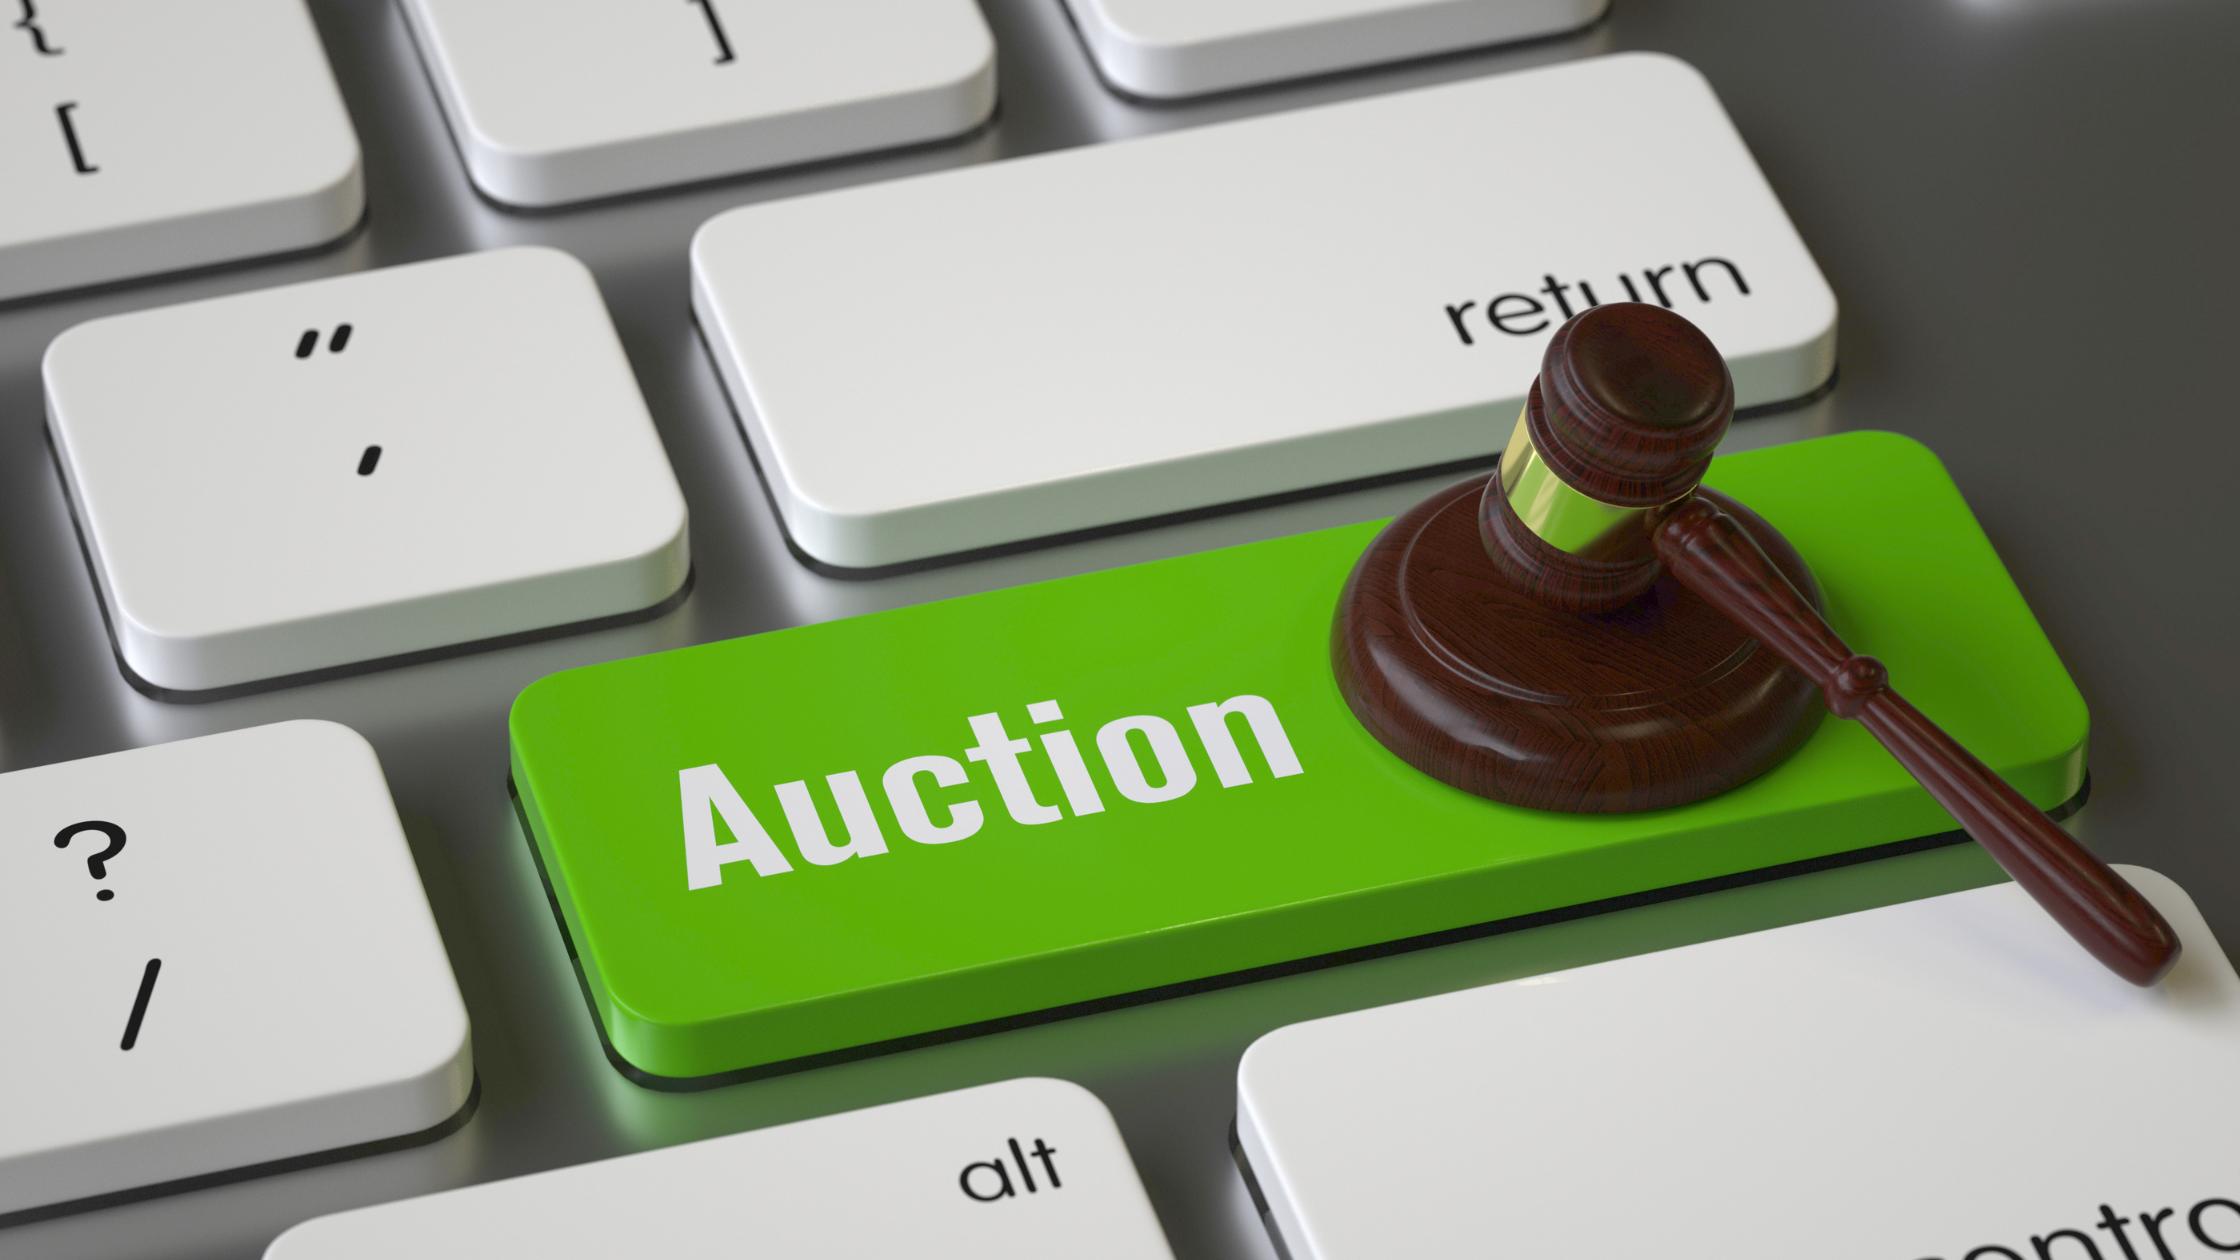 Auktion bei ebay